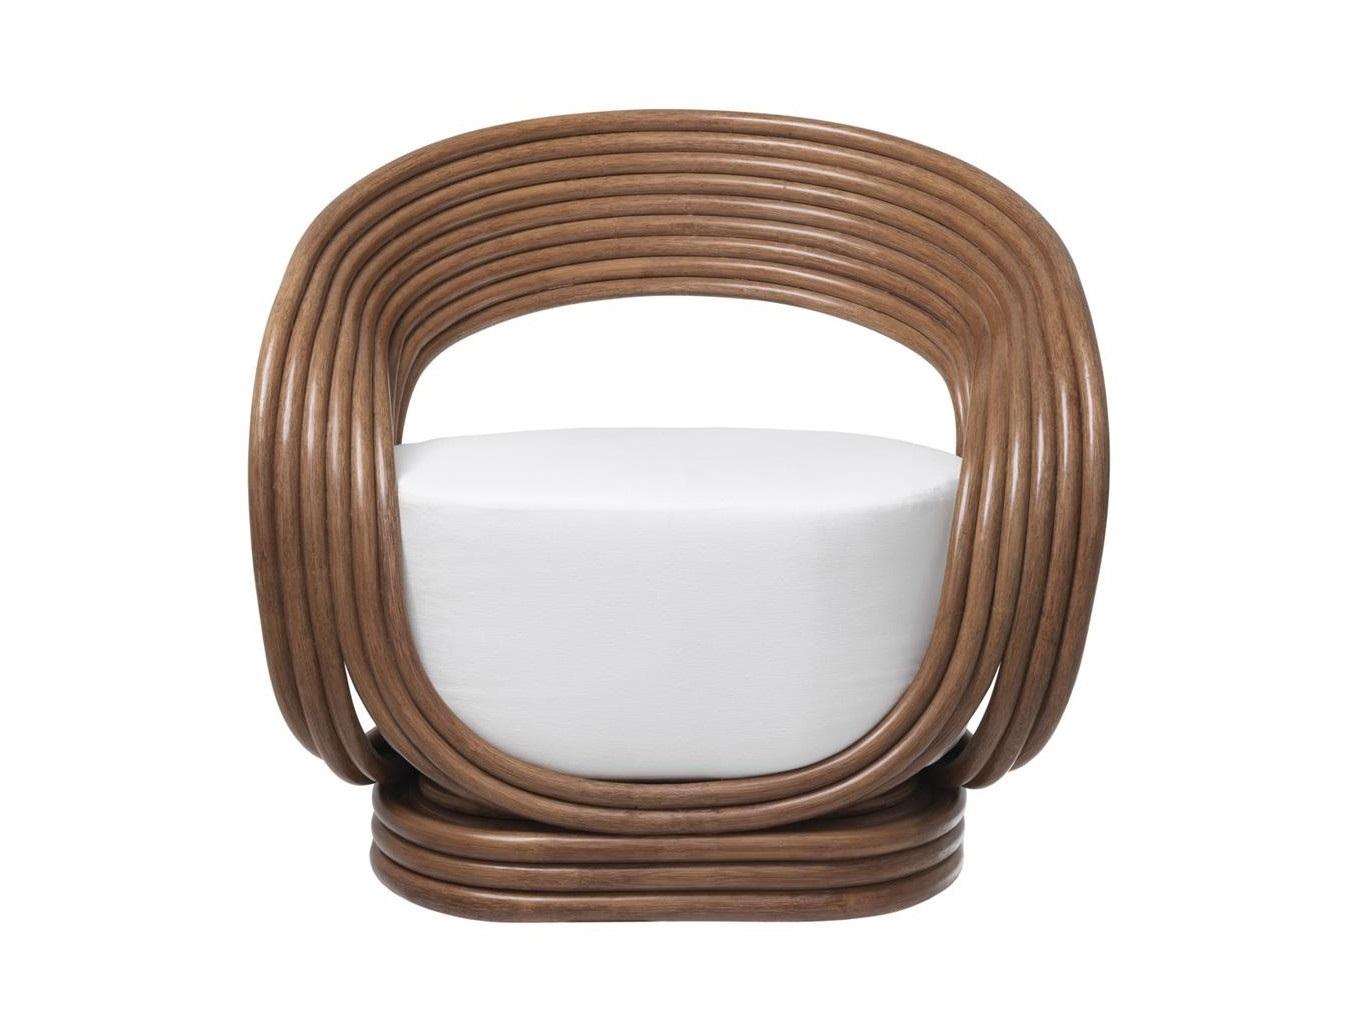 Кресло RomeoКресла для сада<br>Материал: натуральный ротанг, 100% хлопок<br><br>Material: Ротанг<br>Ширина см: 90.0<br>Высота см: 82.0<br>Глубина см: 72.0